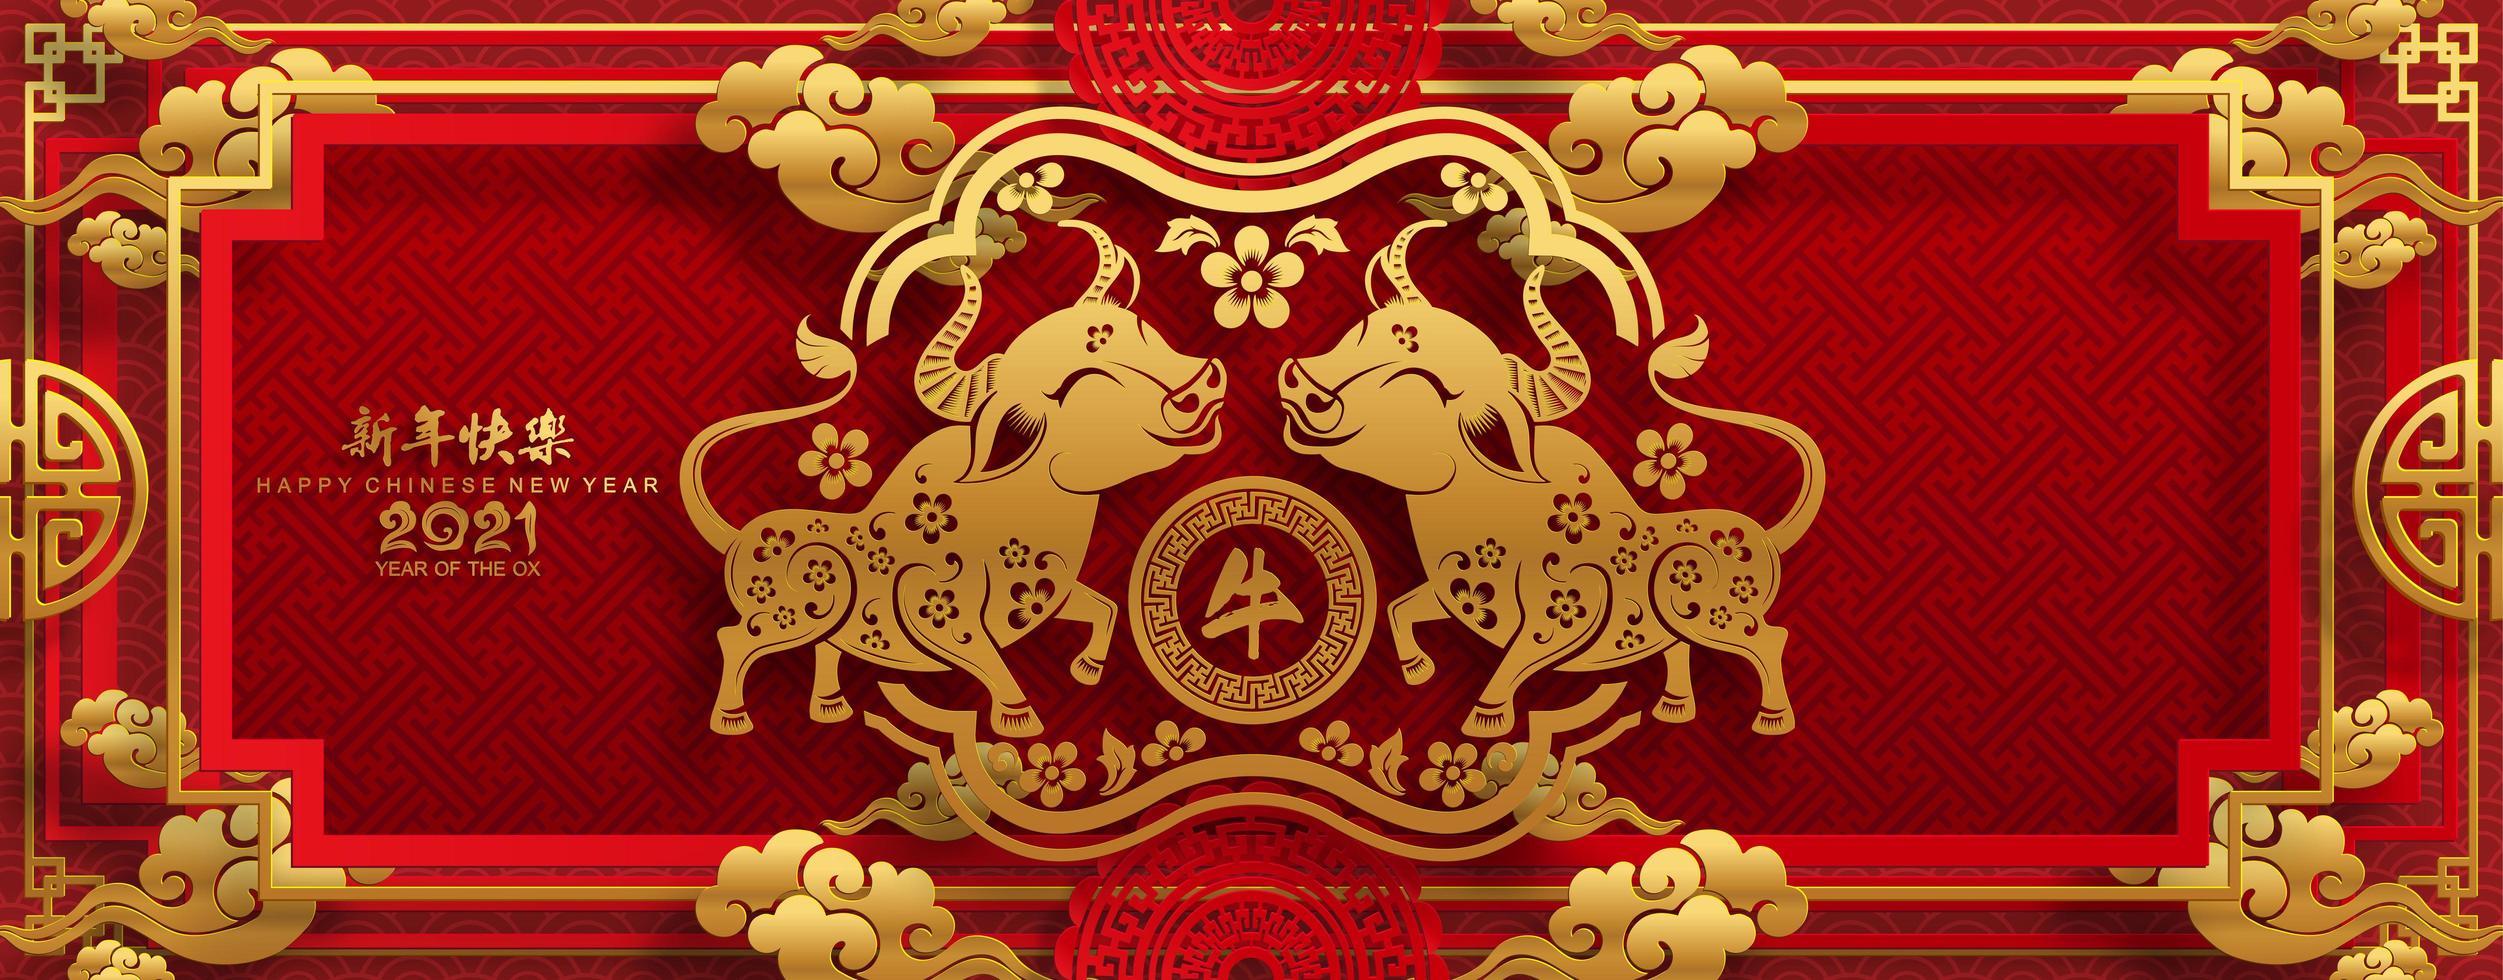 Chinees Nieuwjaar 2021 banner met gouden ossen vector